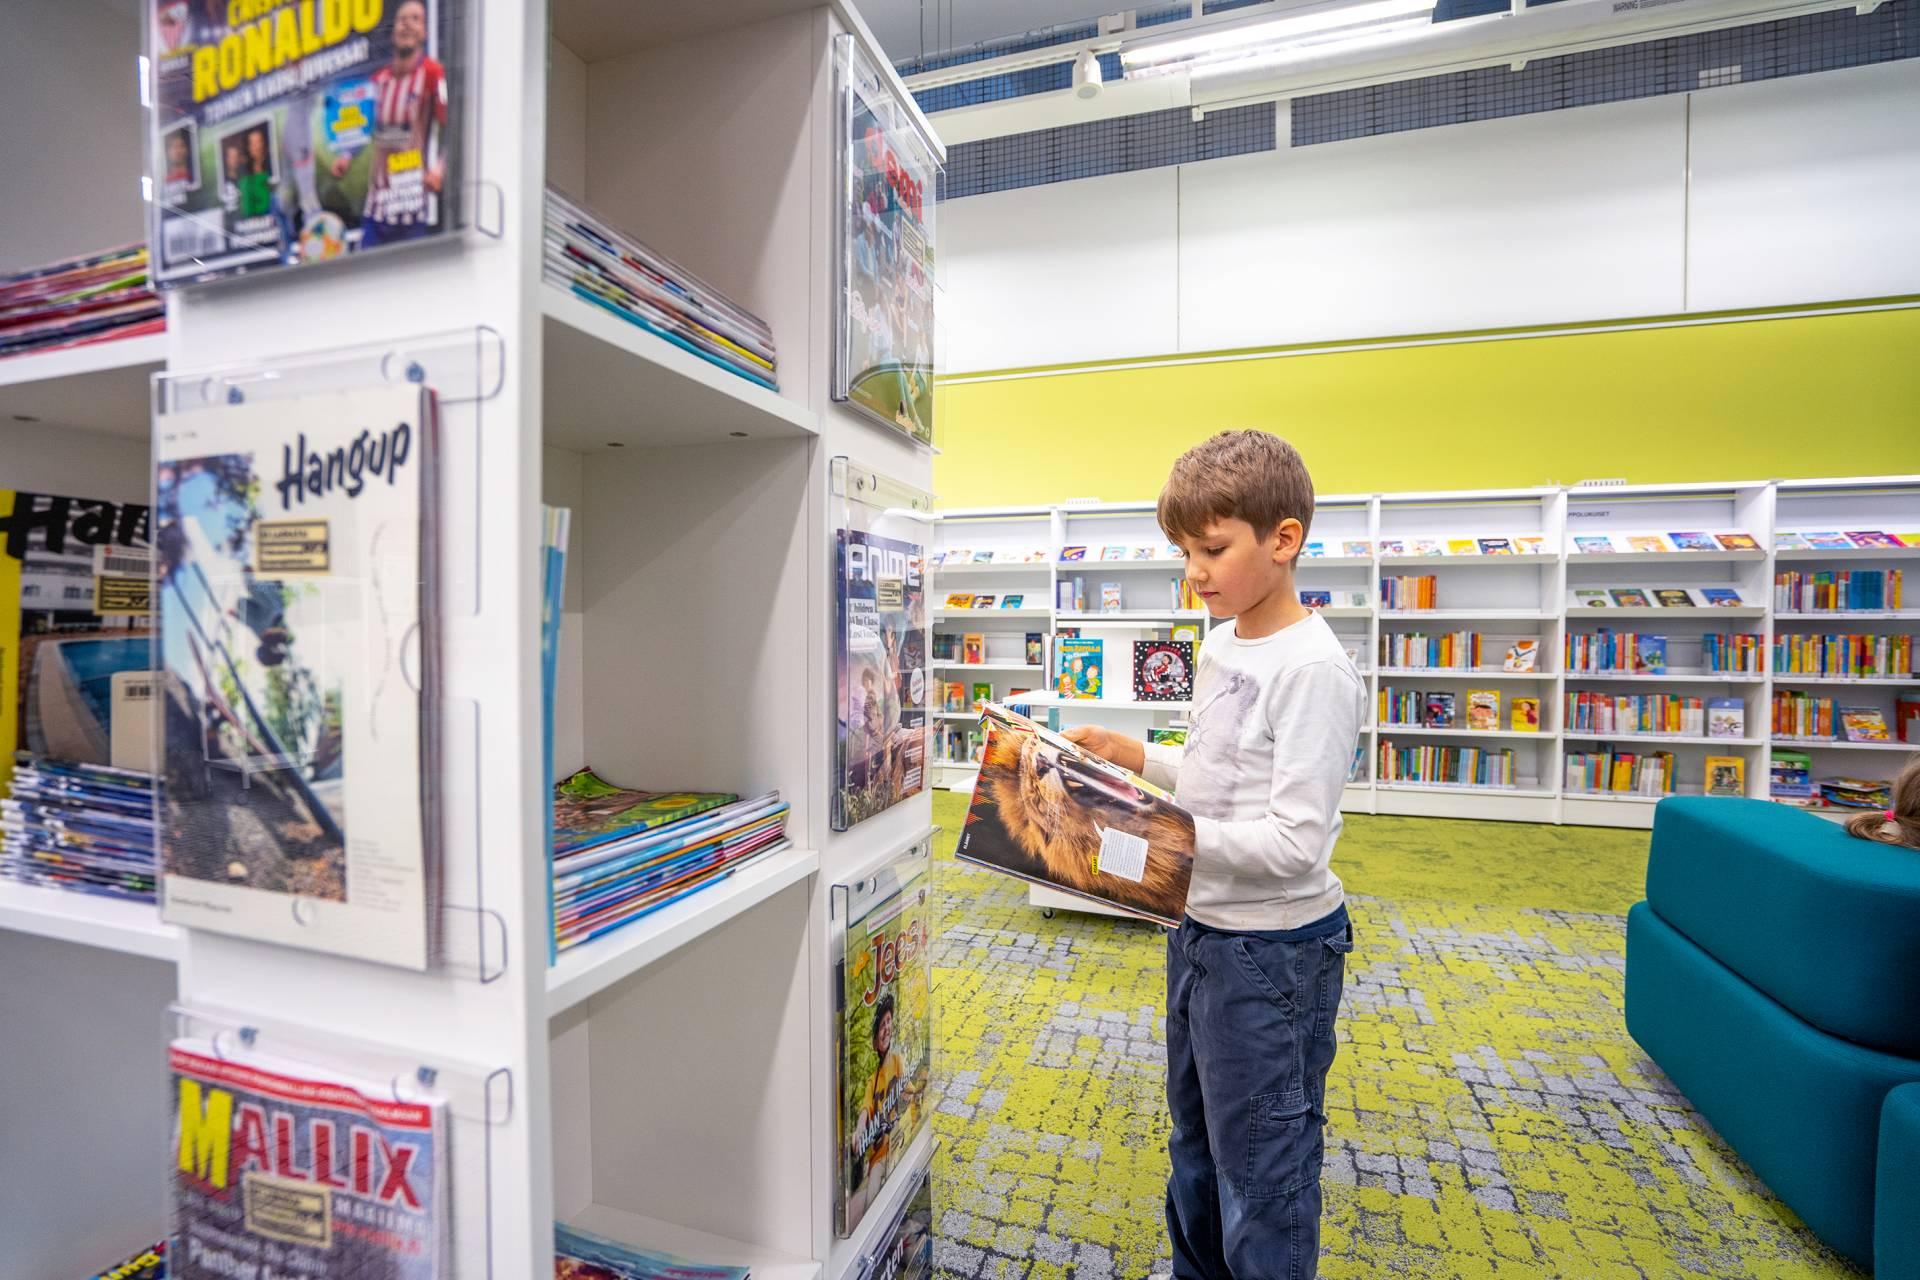 Poika pitelee käsissään lehteä. Etualalla näkyy lehtitorni, jossa lehtiä säilytetään.